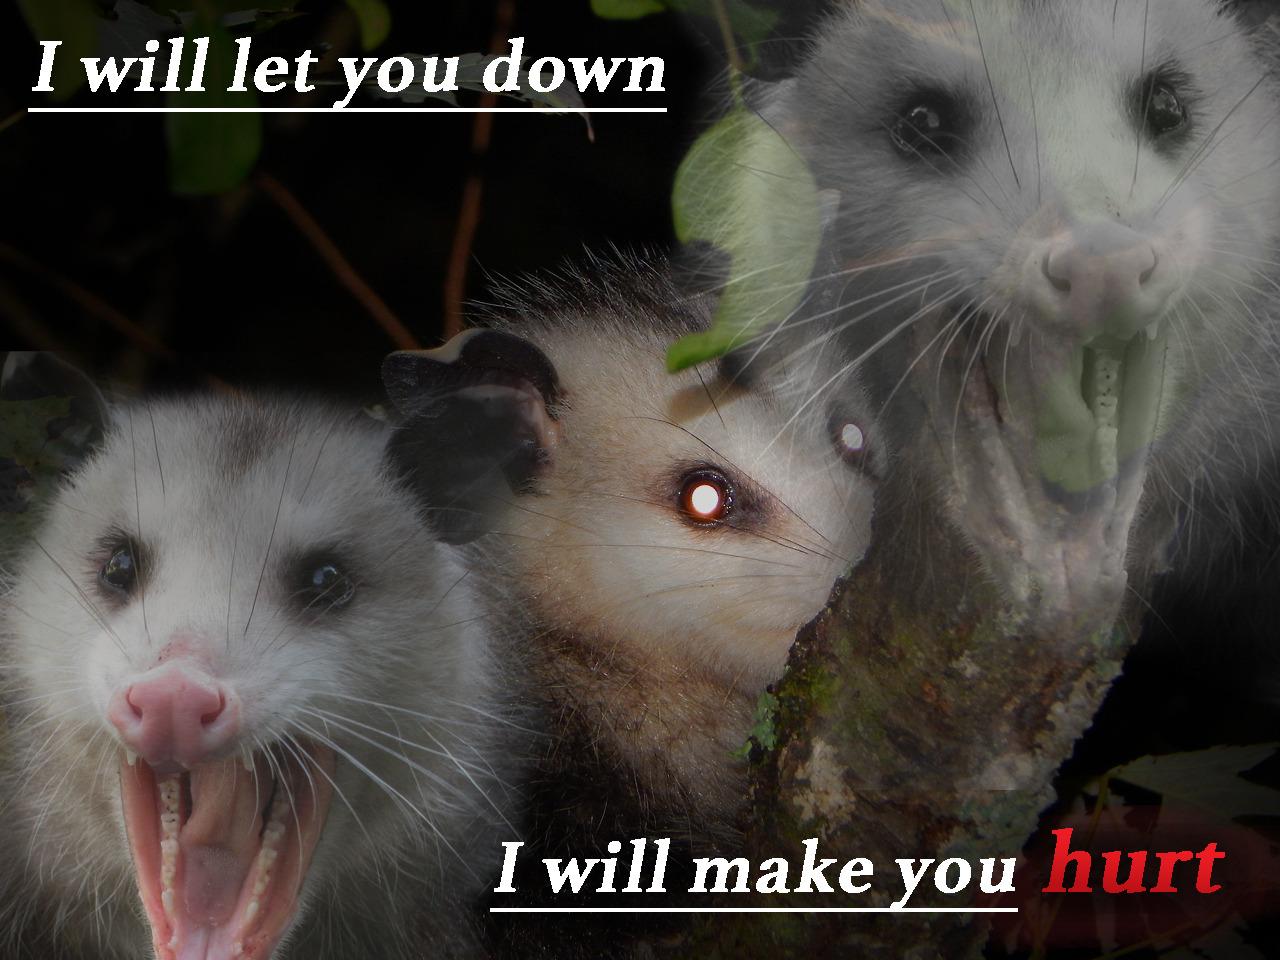 #possum#possums#opossum#opossums#lyrics#johnny cash#hurt